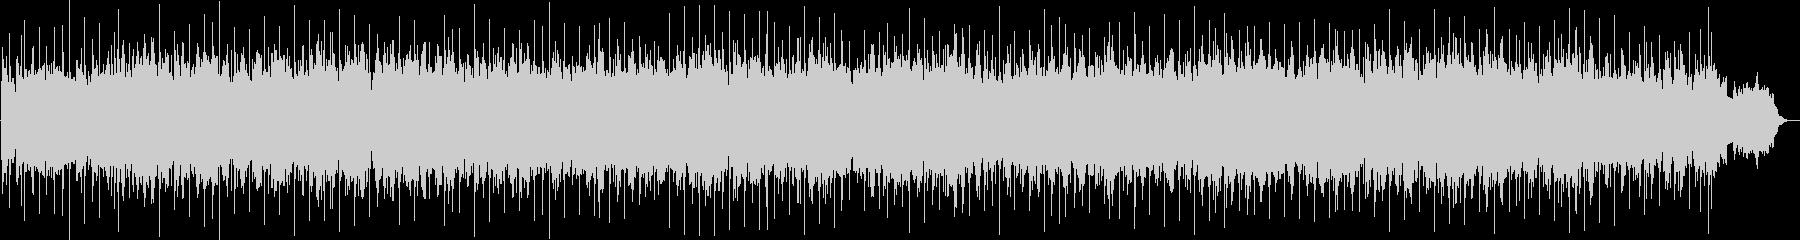 ふわふわとした雰囲気のスローBGMの未再生の波形